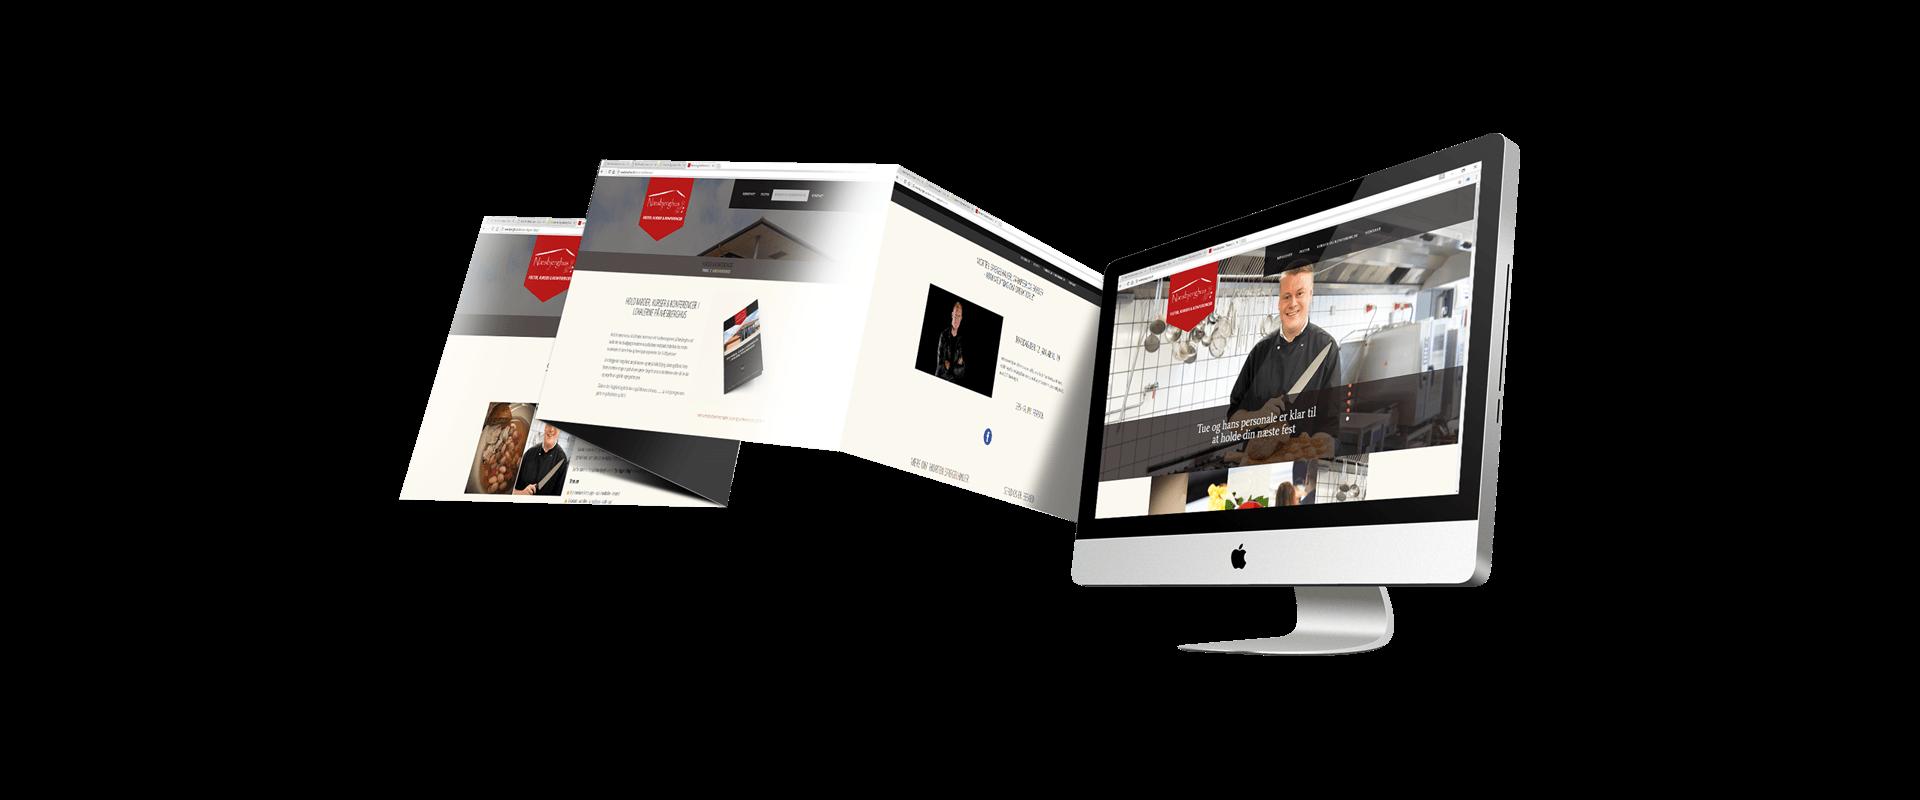 Hjemmeside lavet til Næsbjerghus af Creative Signature